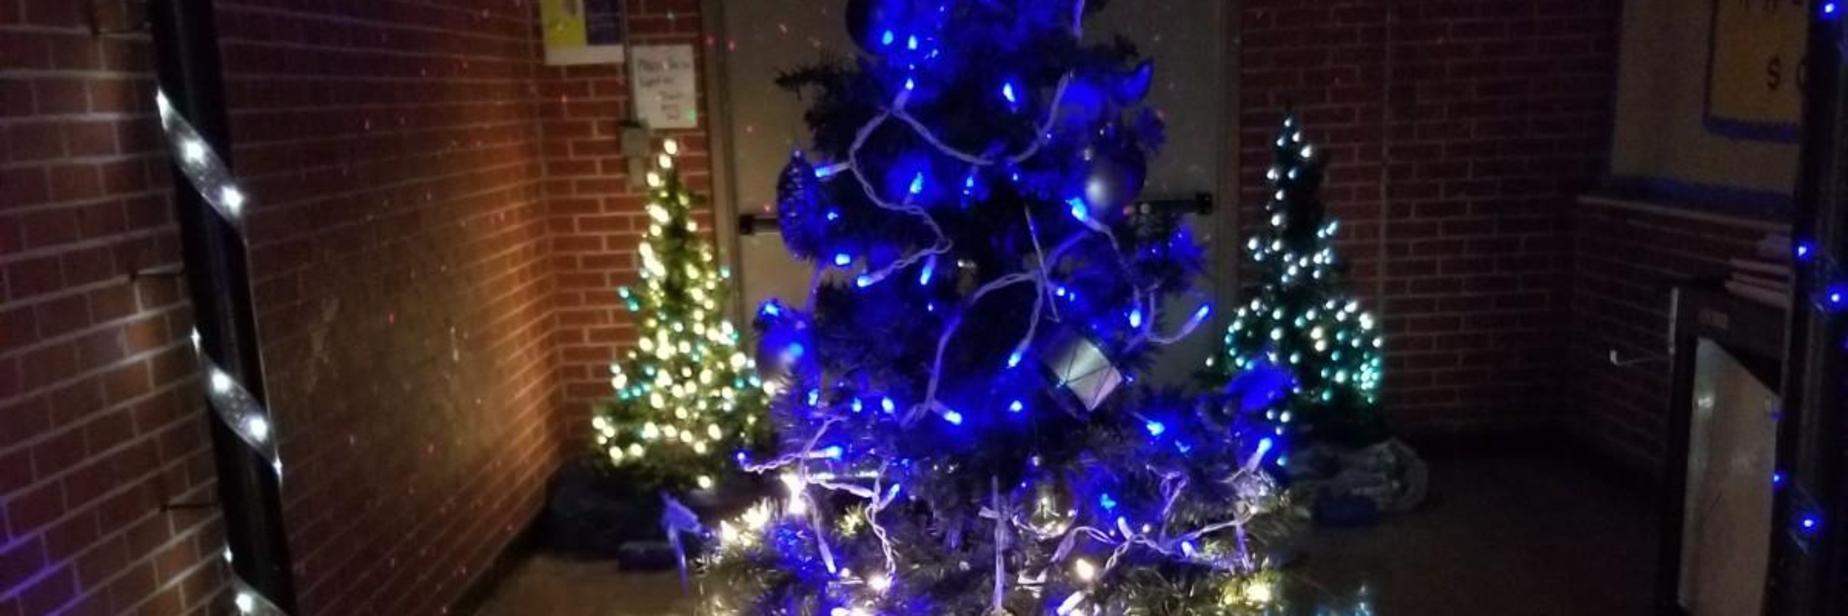 Christmas at MBAC